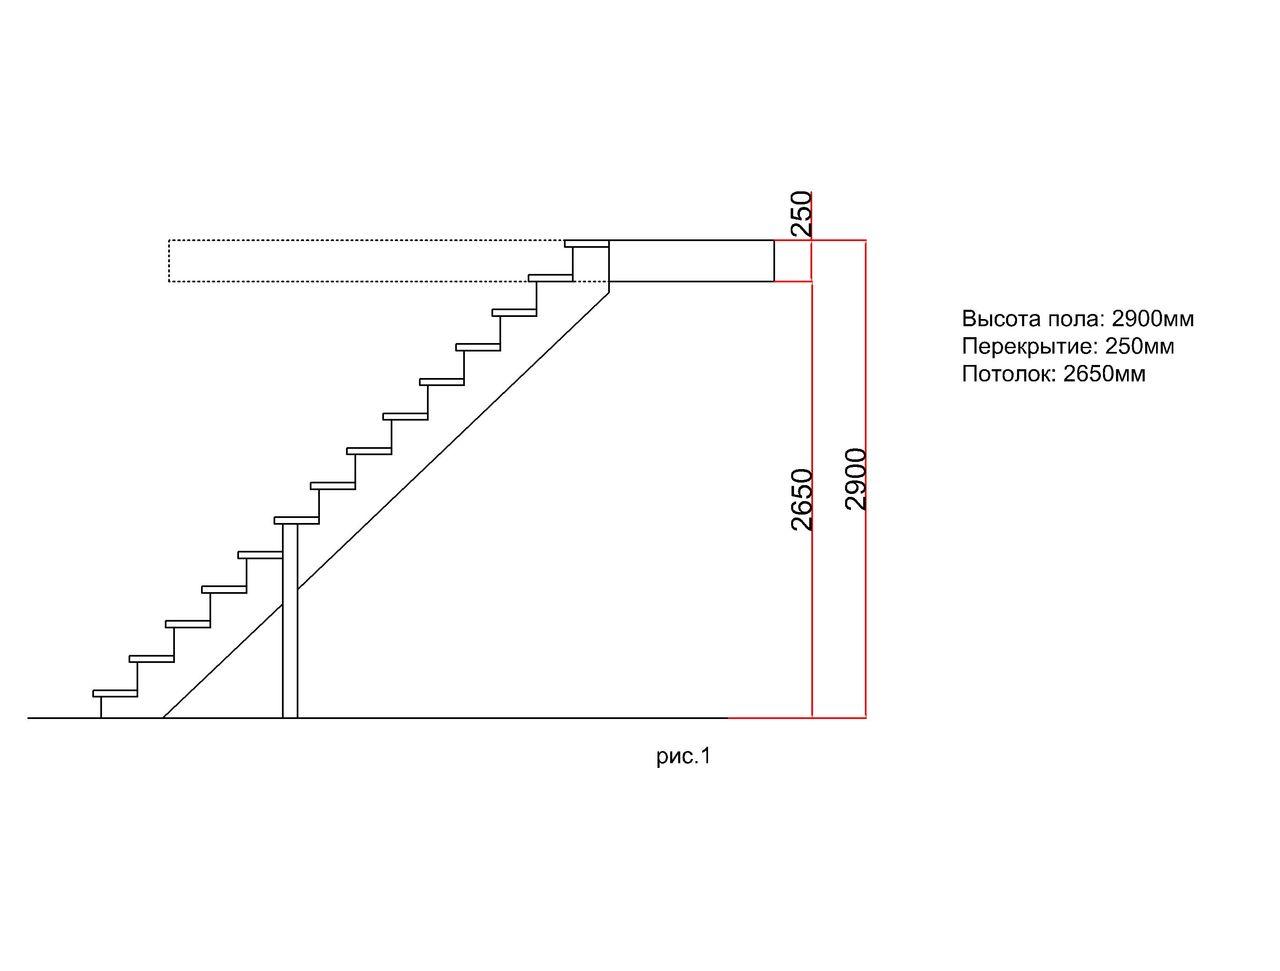 Общая высота равняется сумме высоты потолка и толщины перекрытия